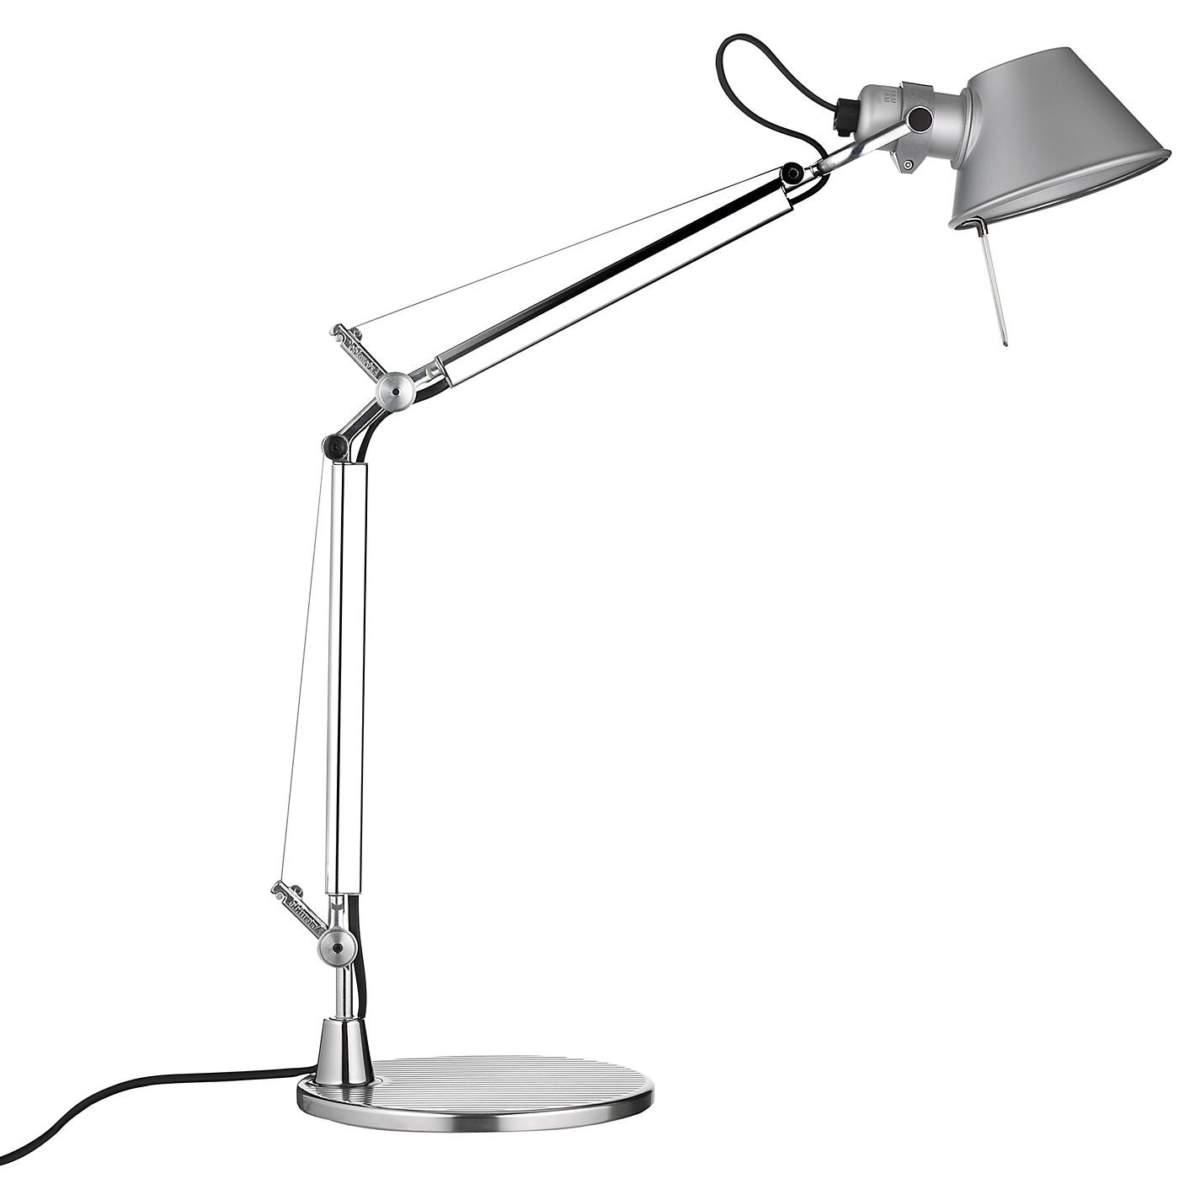 Ottevangers Lichtdesign: 15% Korting op alle Tolomeo-modellen!